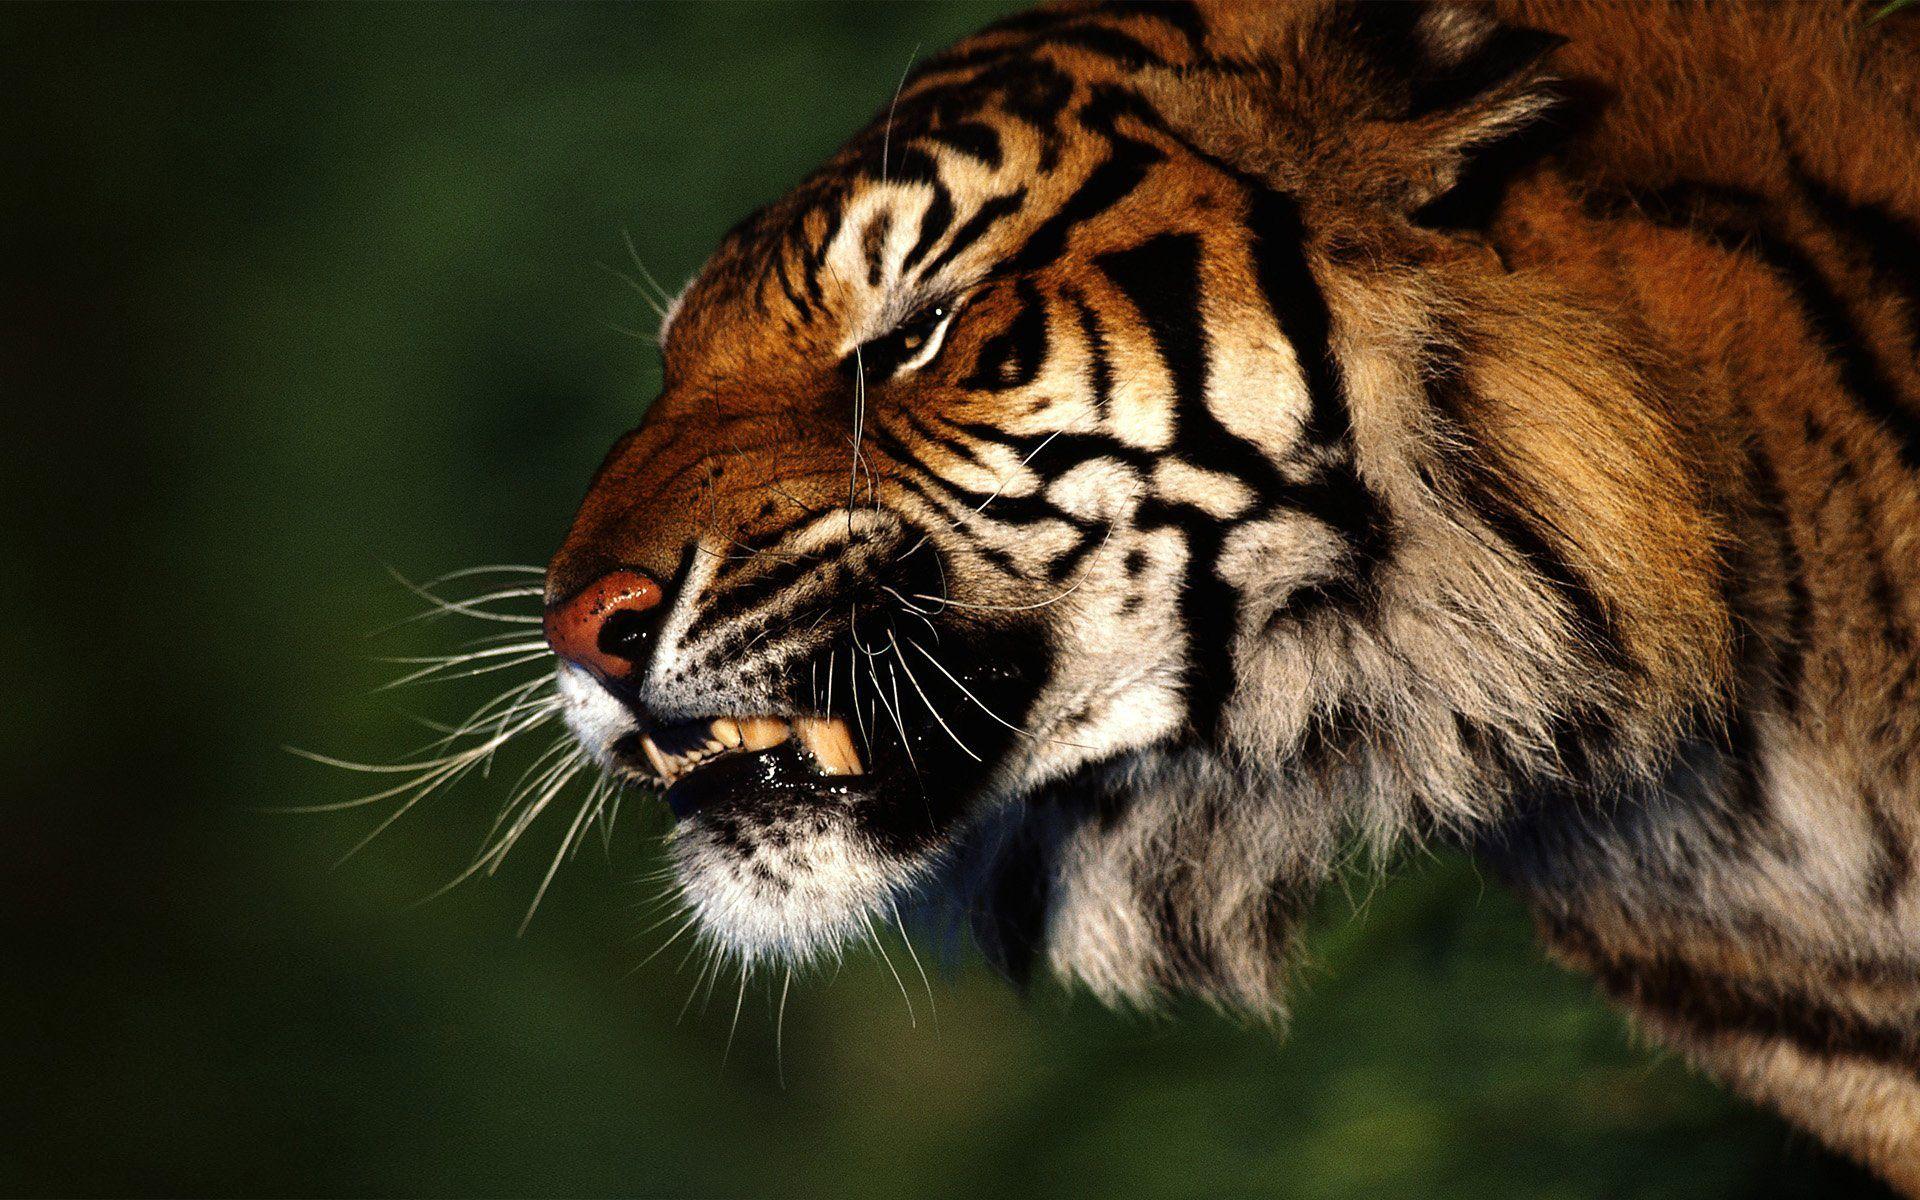 Tiger profile